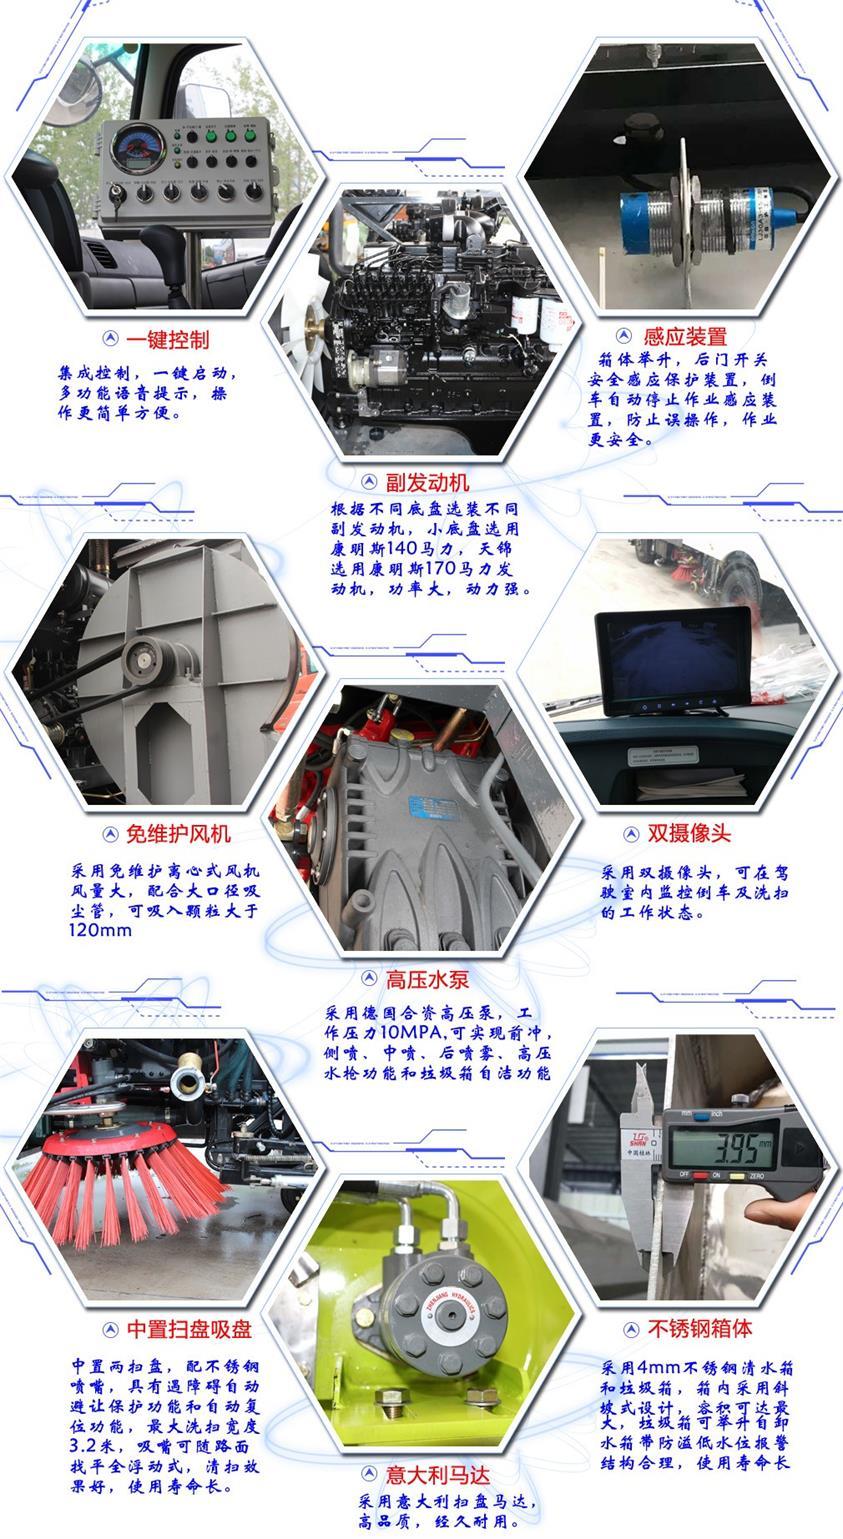 洗扫车功能图